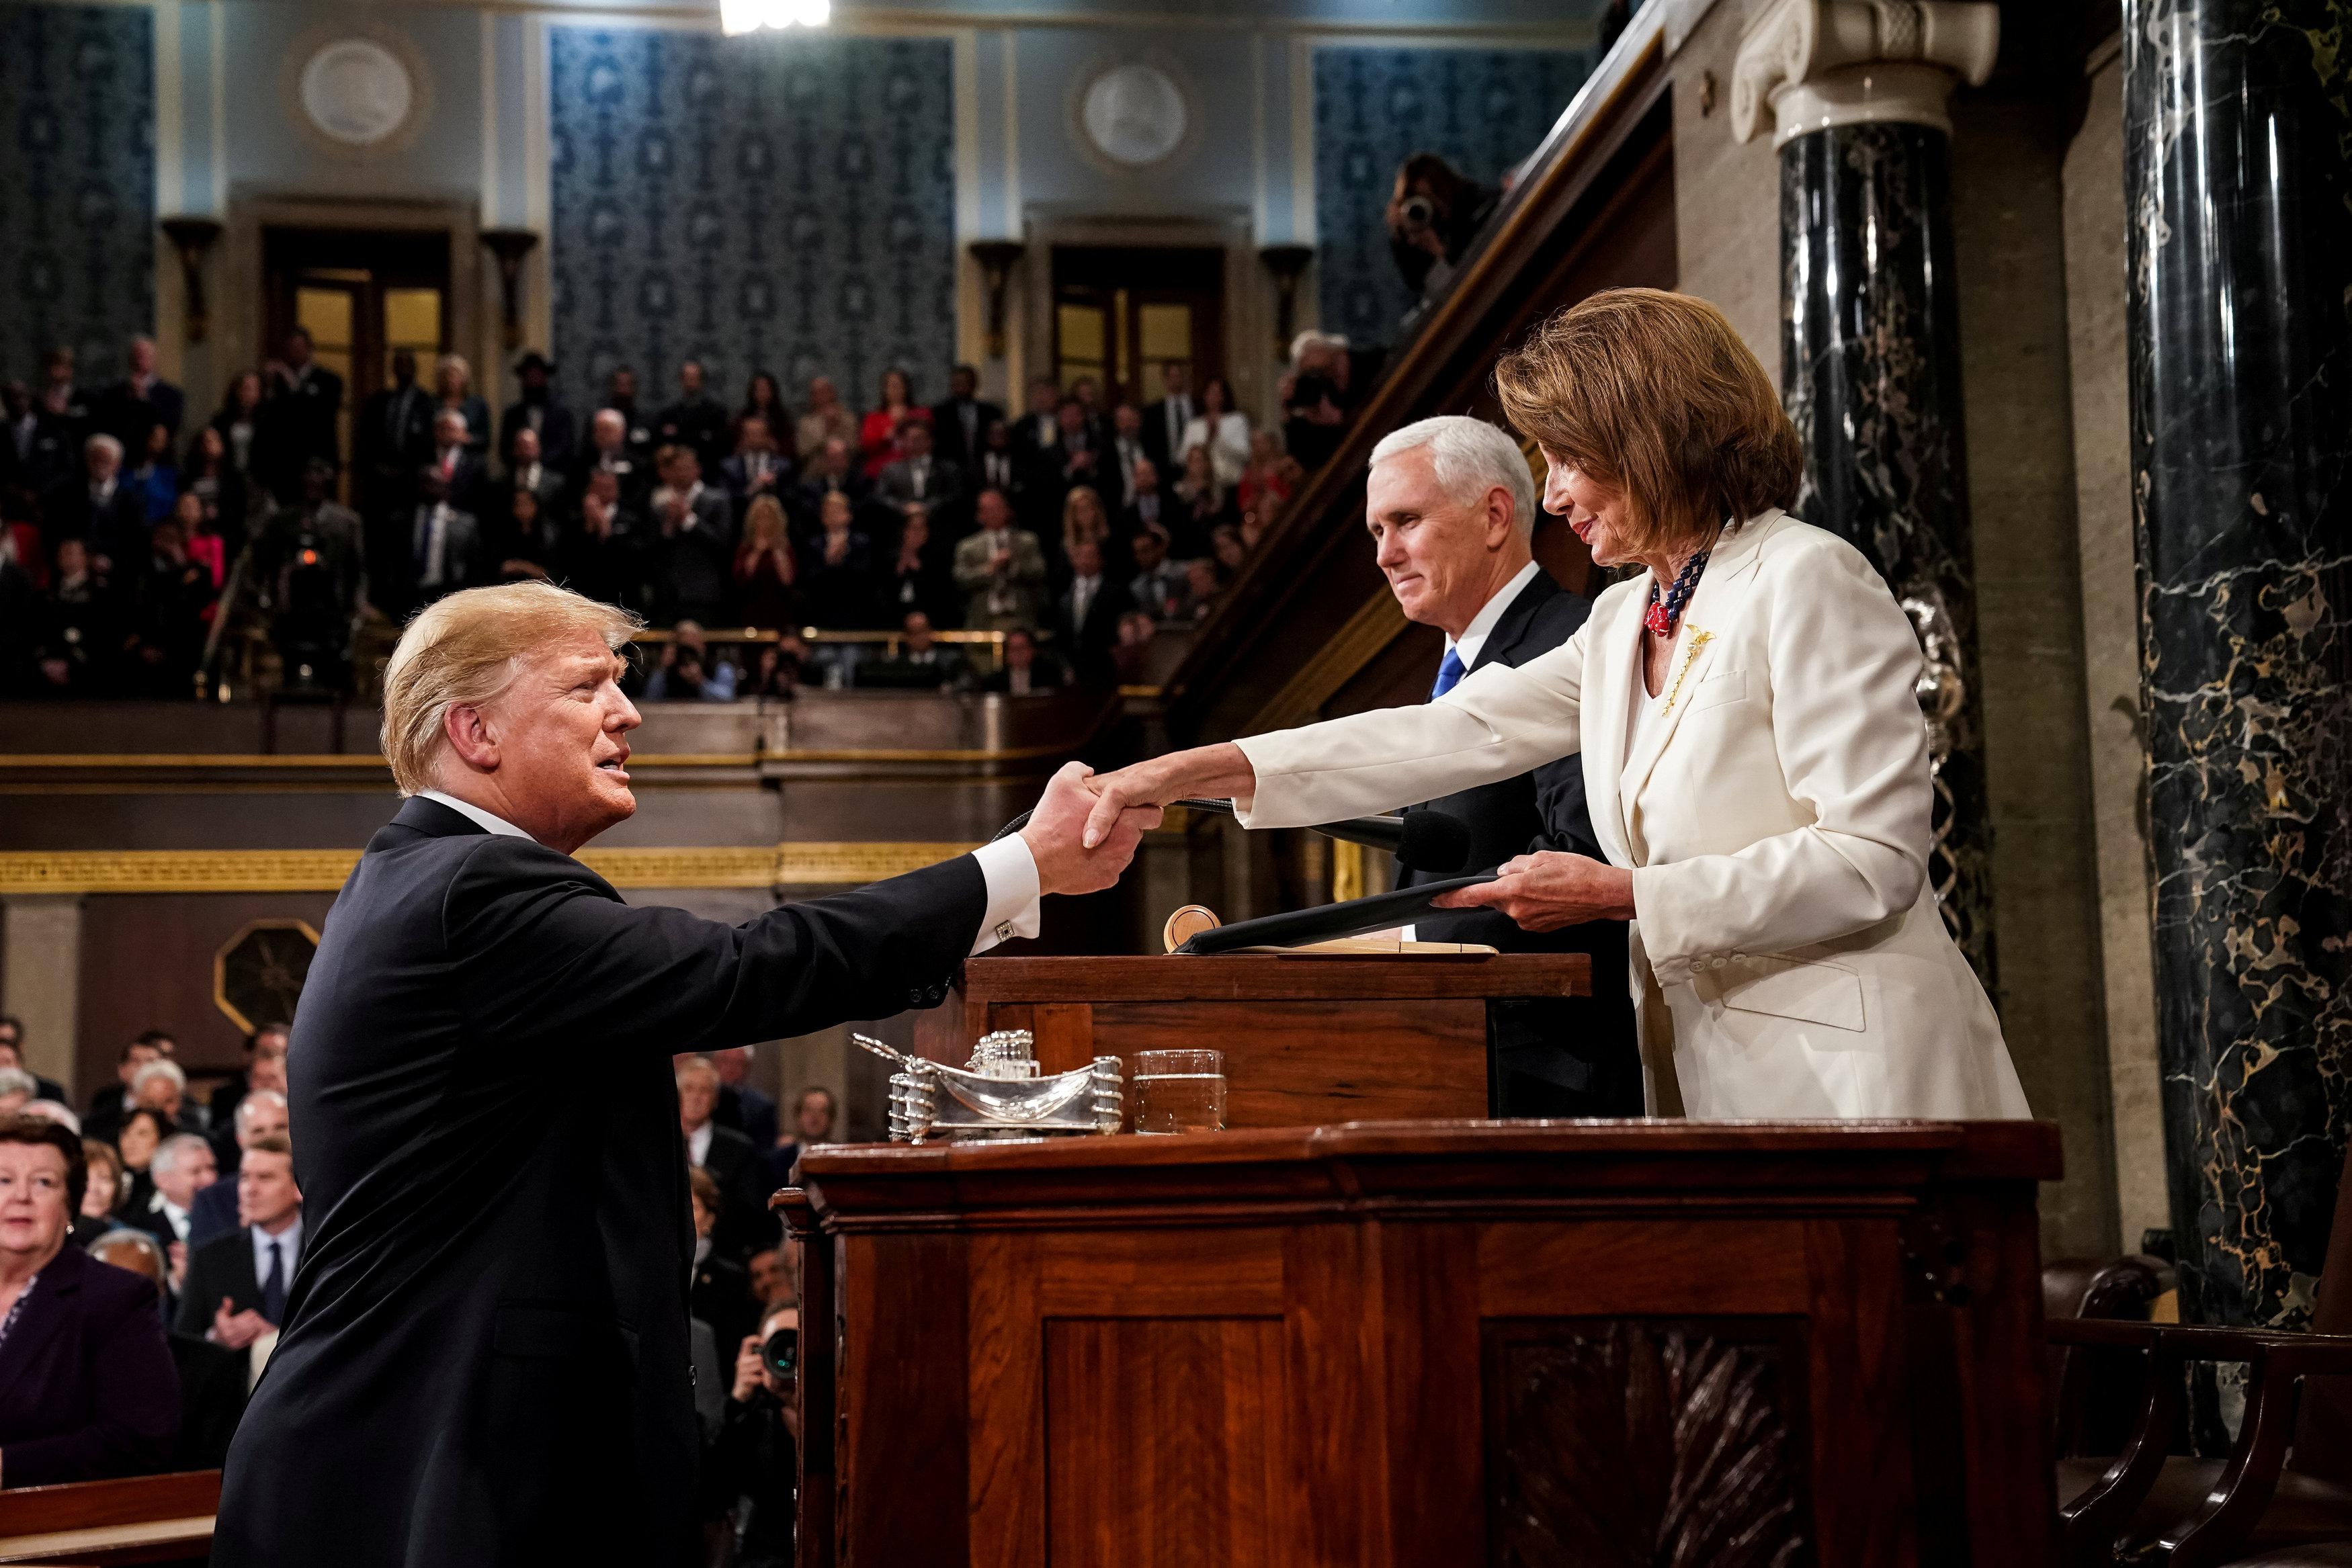 ترامب يصافح نانسى بيلوسى